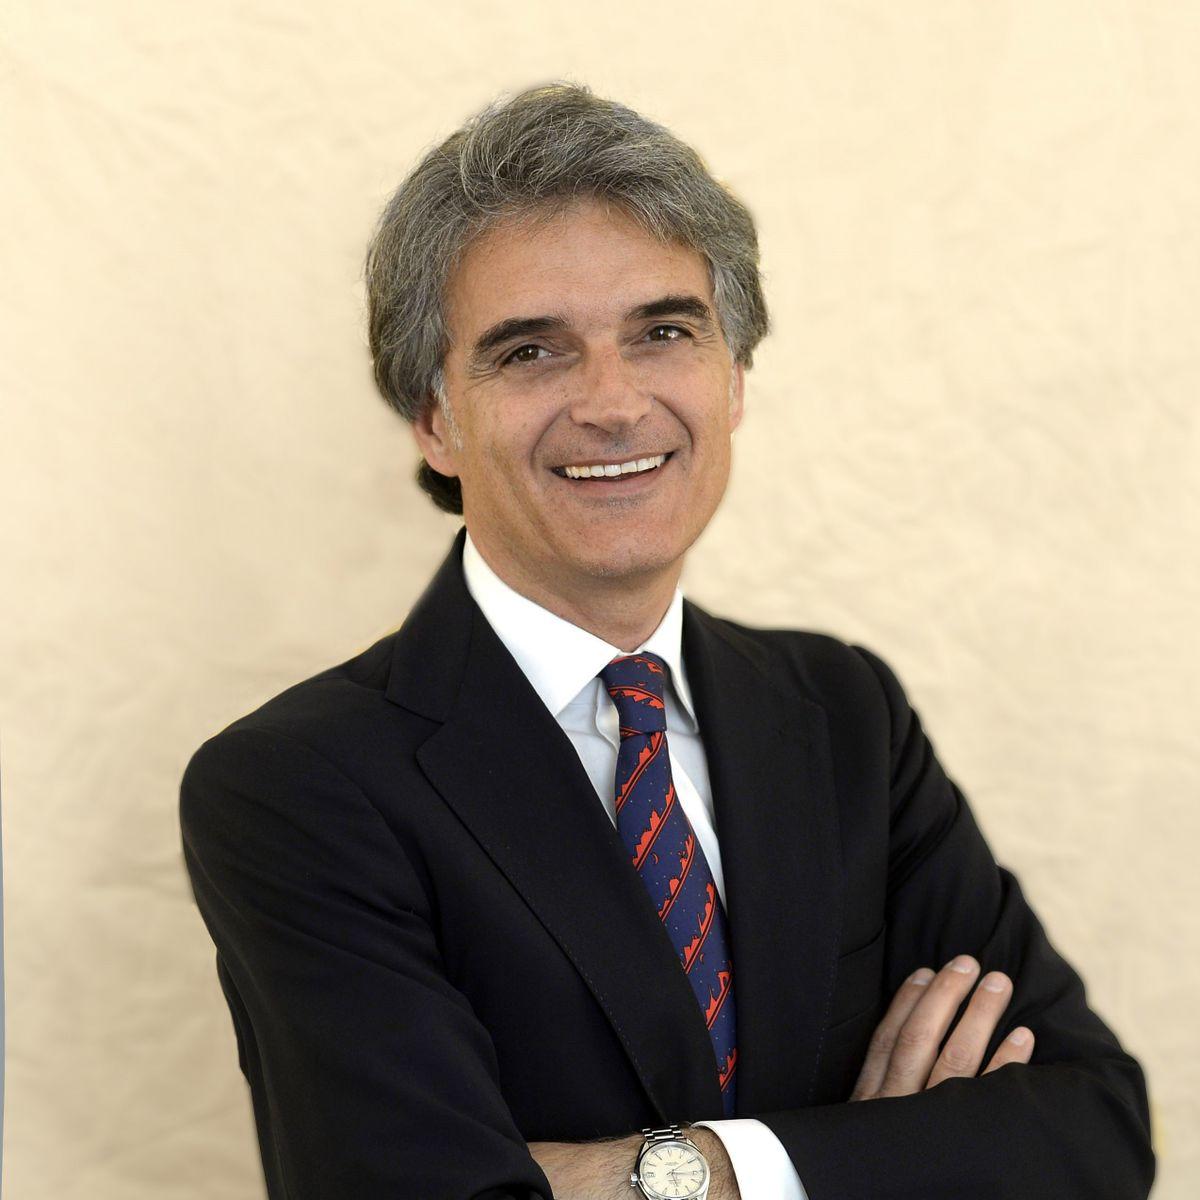 Marco Antichi